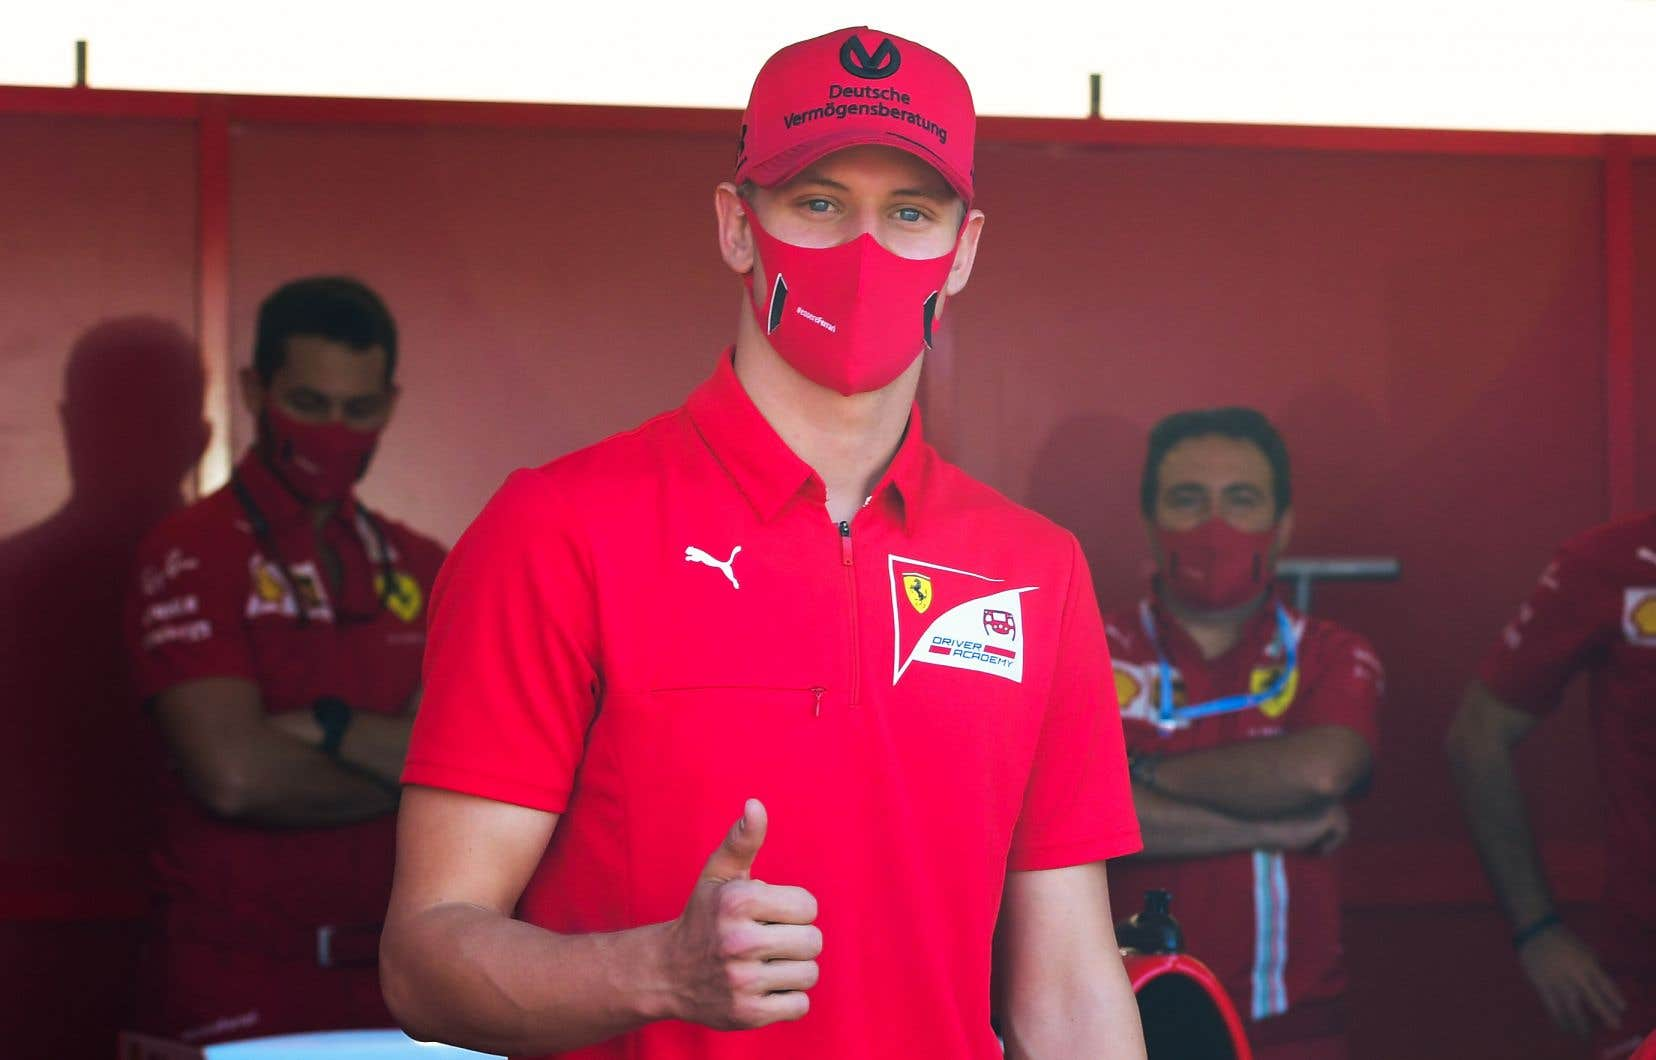 Schumacher, âgé de 21ans, est en tête du championnat de Formule 2 après avoir remporté des courses à Monza et à Sotchi.